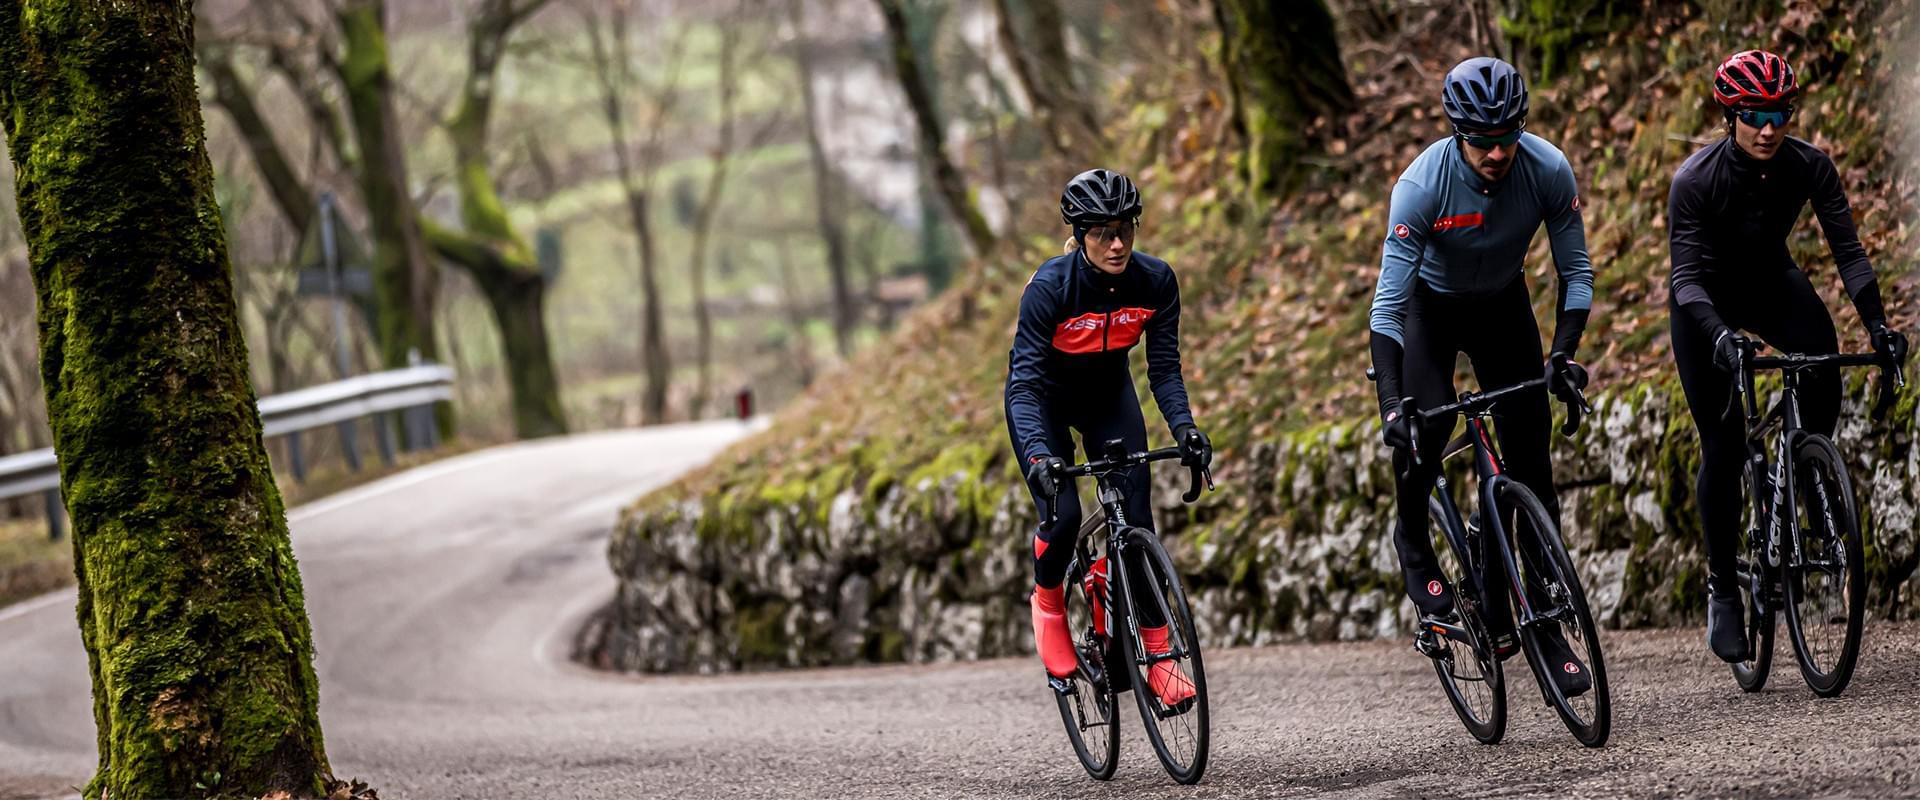 Scopri gli ultimi arrivi di abbigliamento ciclismo online per pedalare anche in inverno.